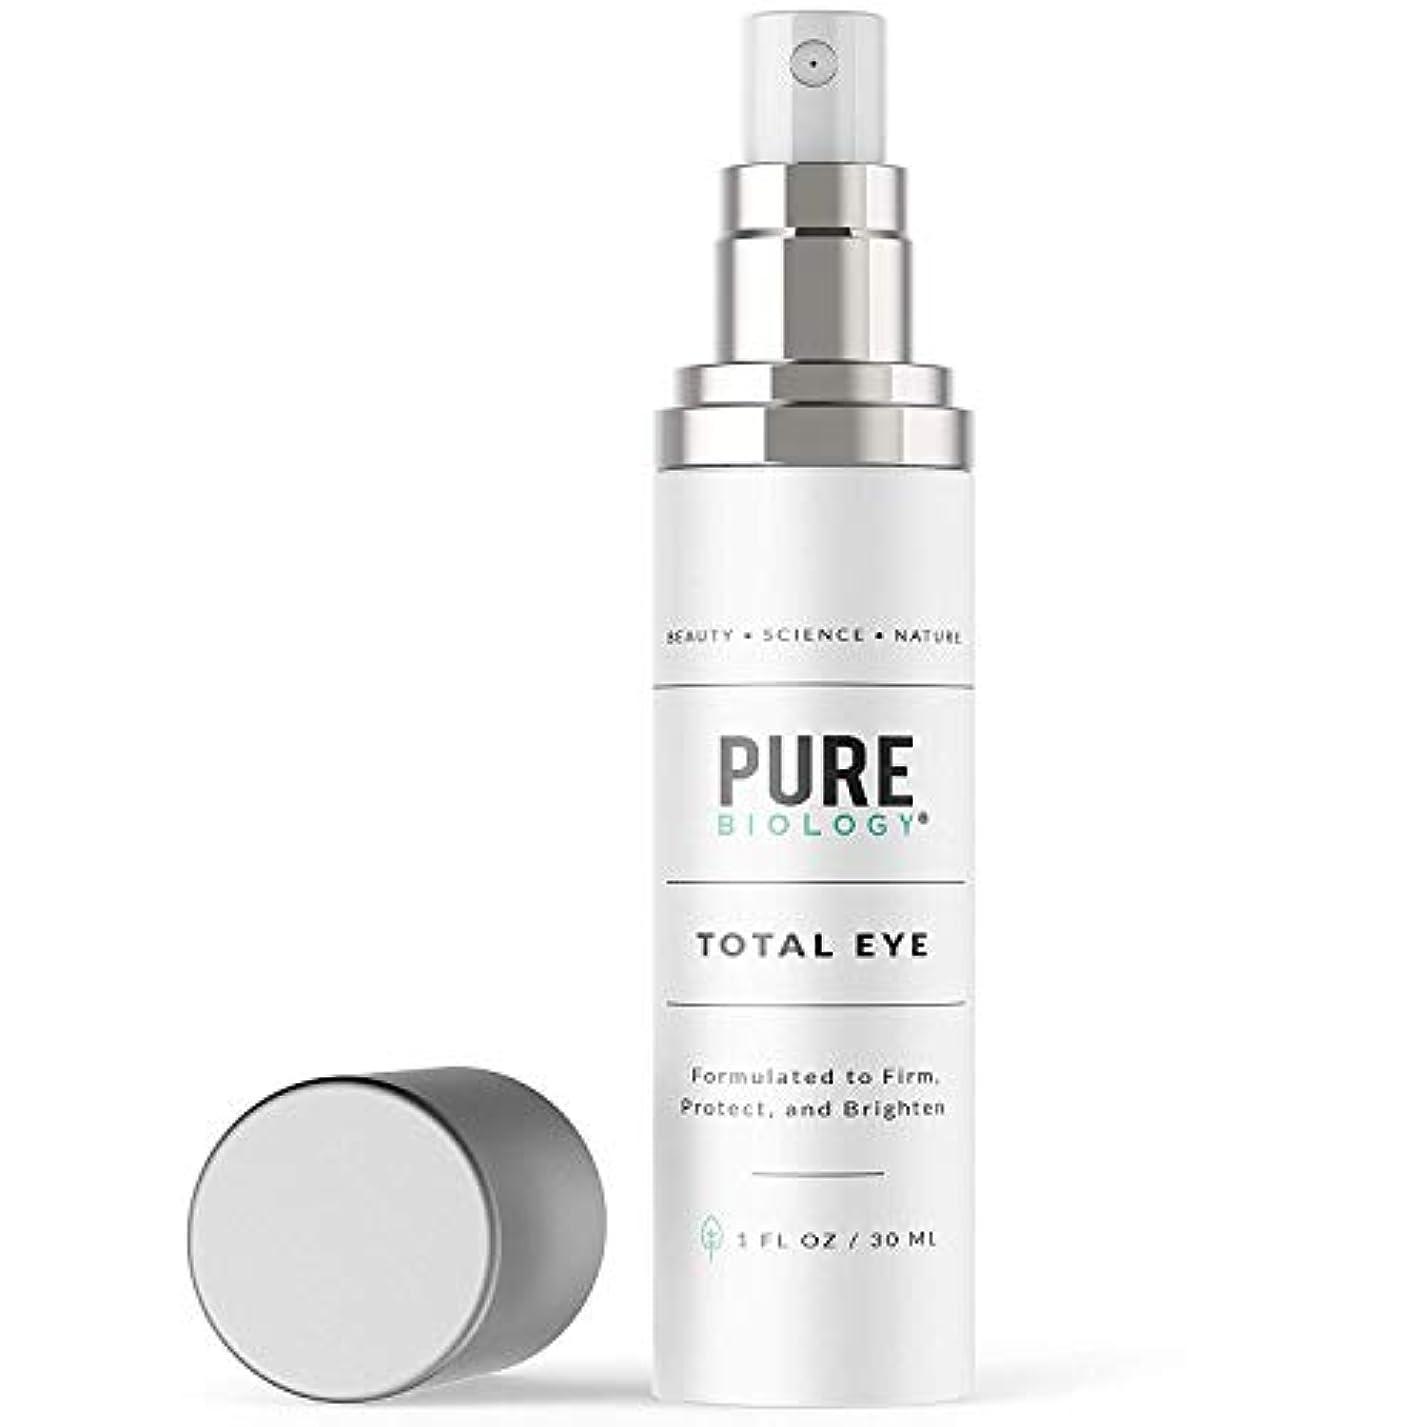 算術霜タンザニア[Pure Biology] [アイクリームTotal Eye Cream with Vitamin C + E, Hyaluronic Acid & Anti Aging Complexes to Reduce Dark...